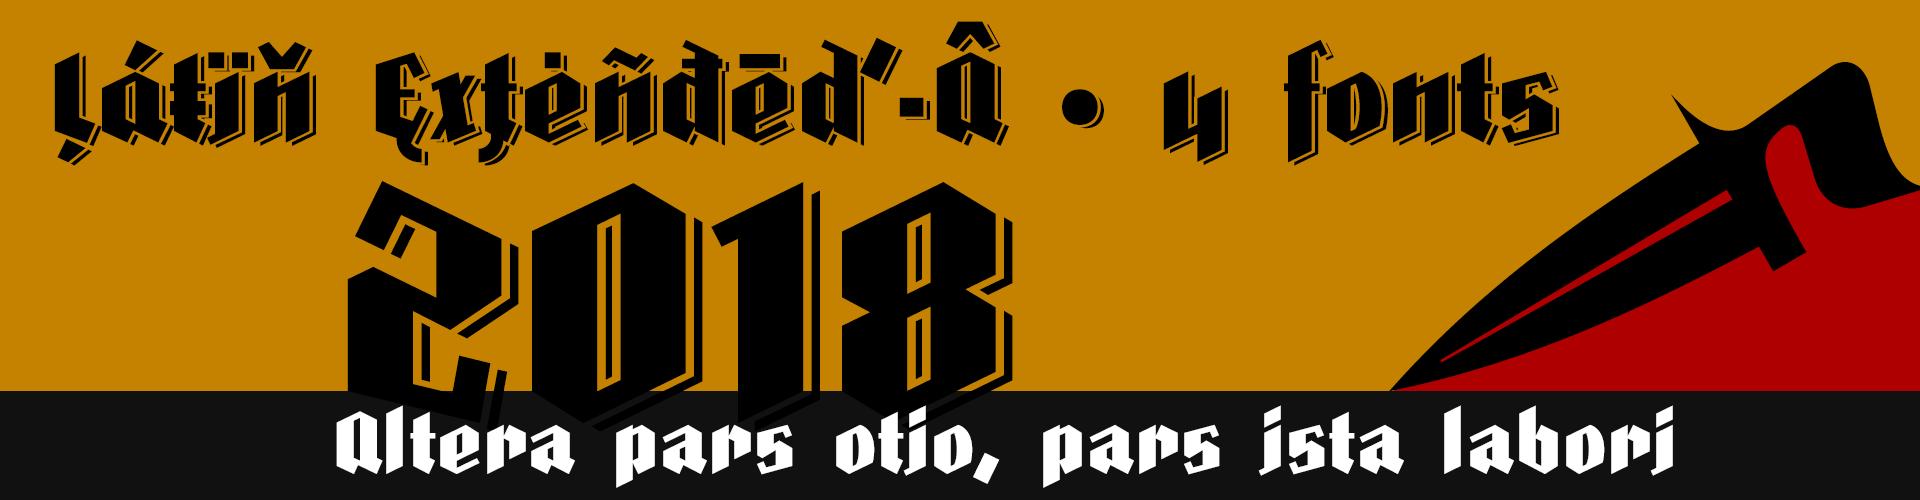 Farisea Fraktur - Altera pars otio, pars ista labori.